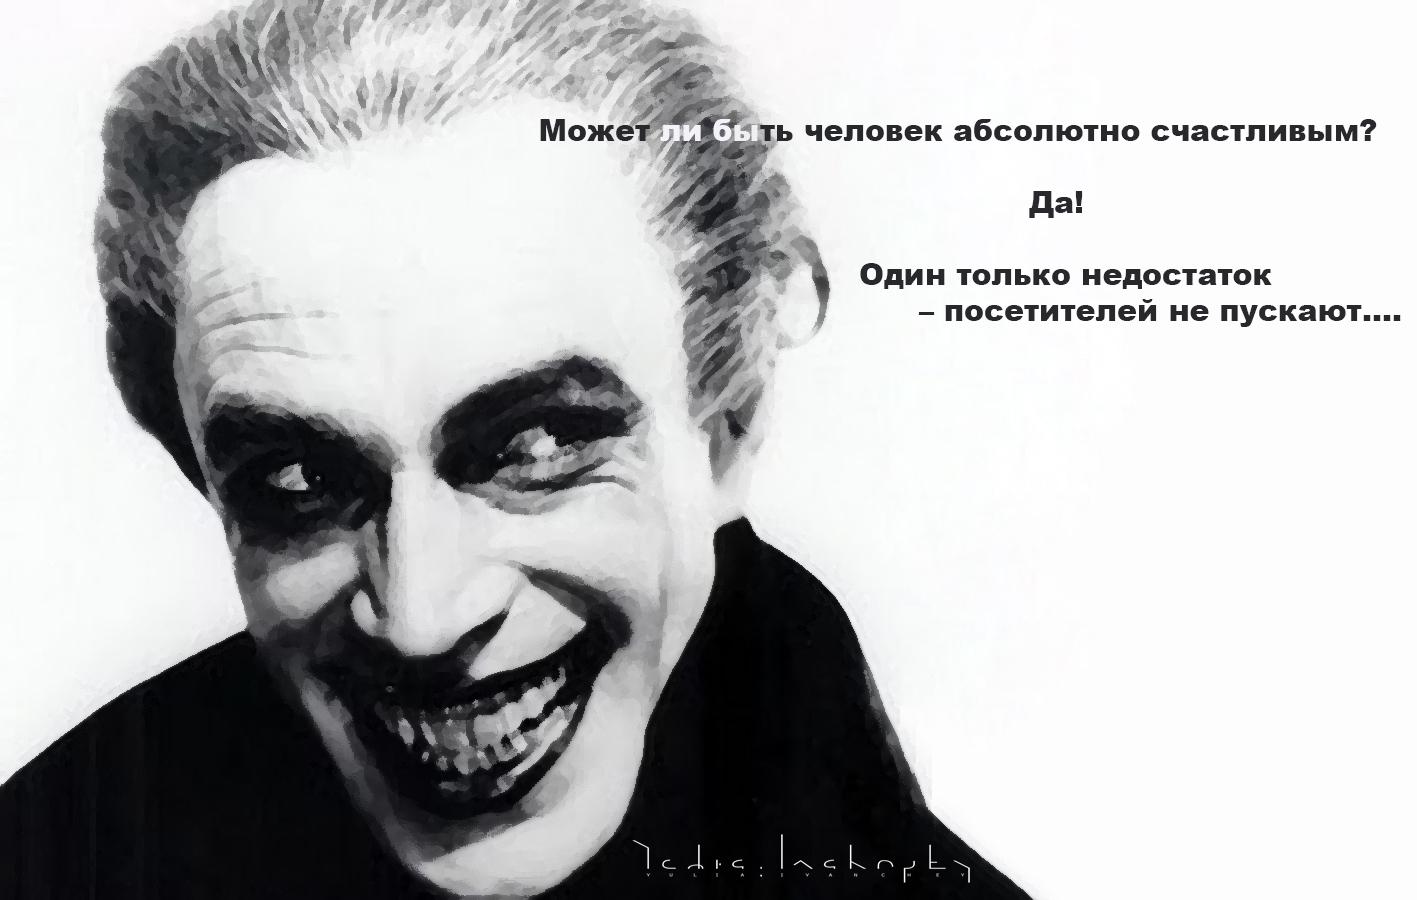 Счастливый человек   Yul Ivanchey   Юл Иванчей